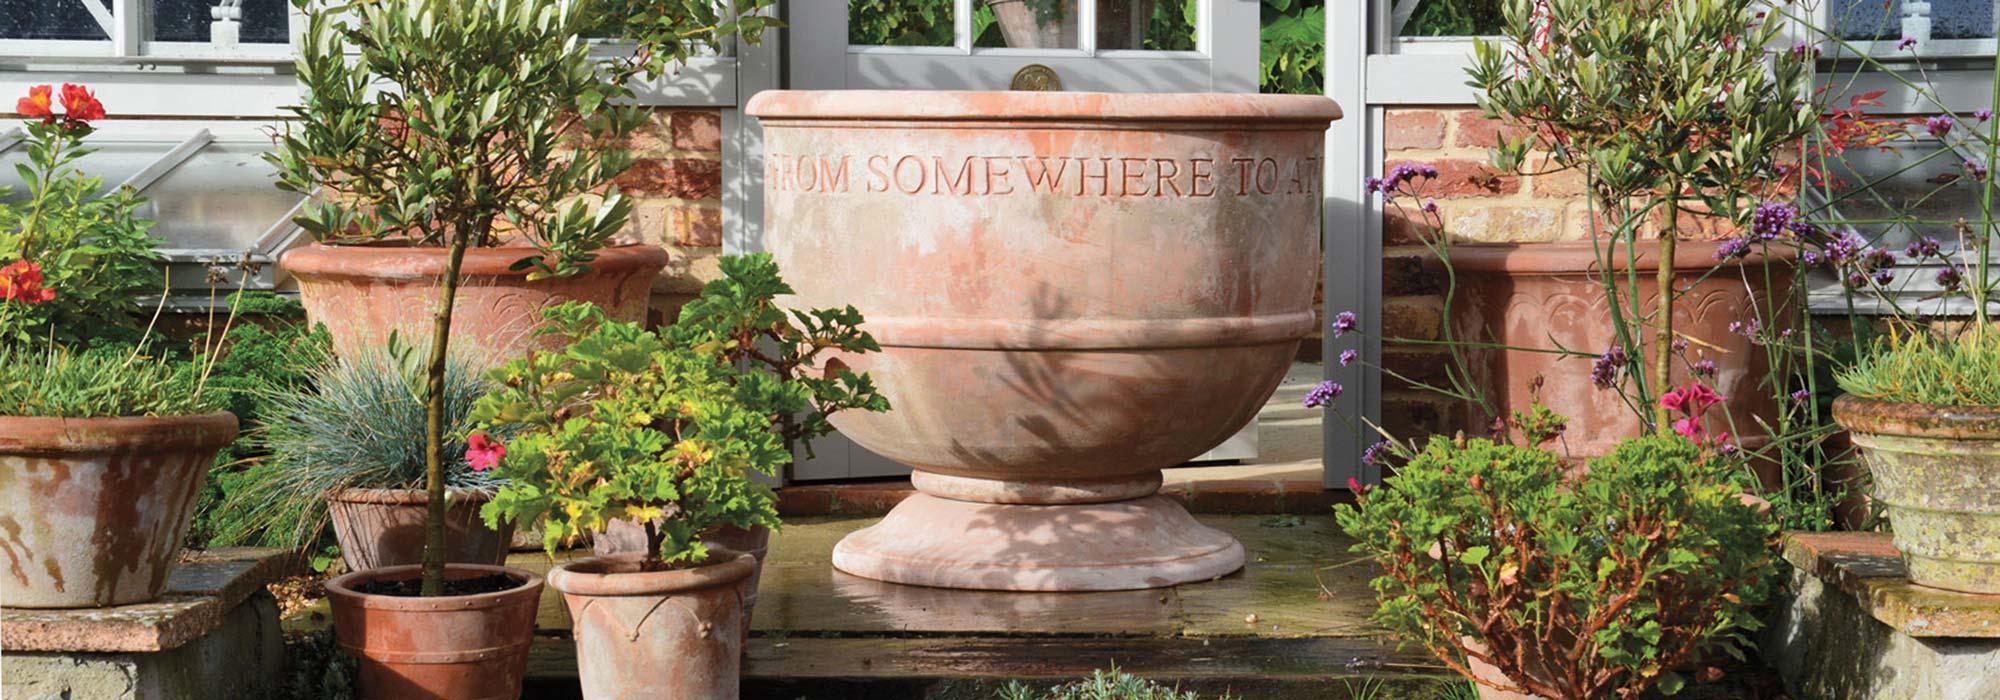 bespoke terracotta pots